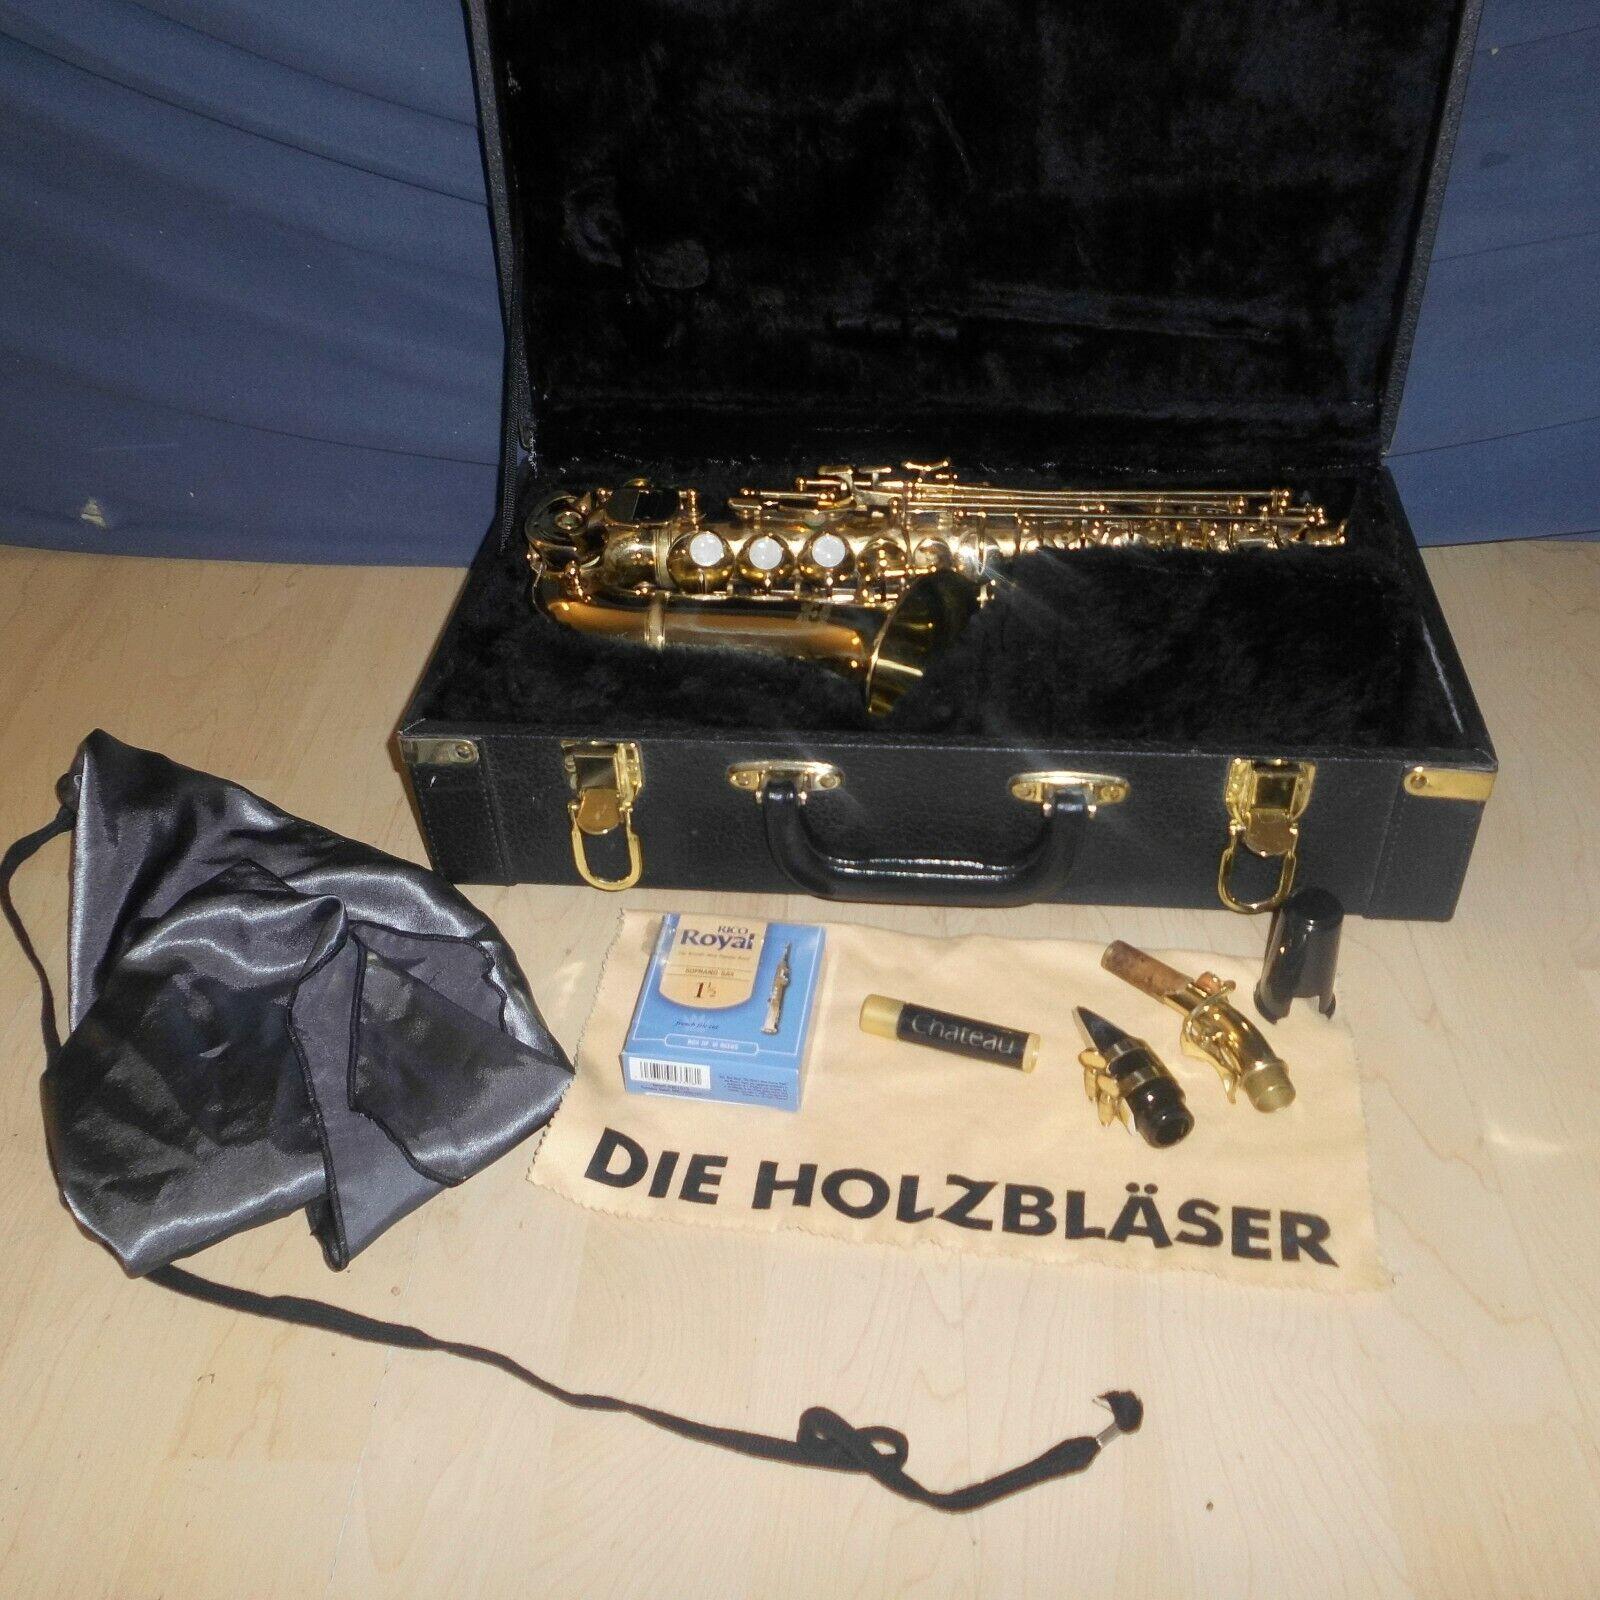 Yoshino V12 Soprarsaxophon gebogen Saxofon Saxophon ,case , yamaha mundstück